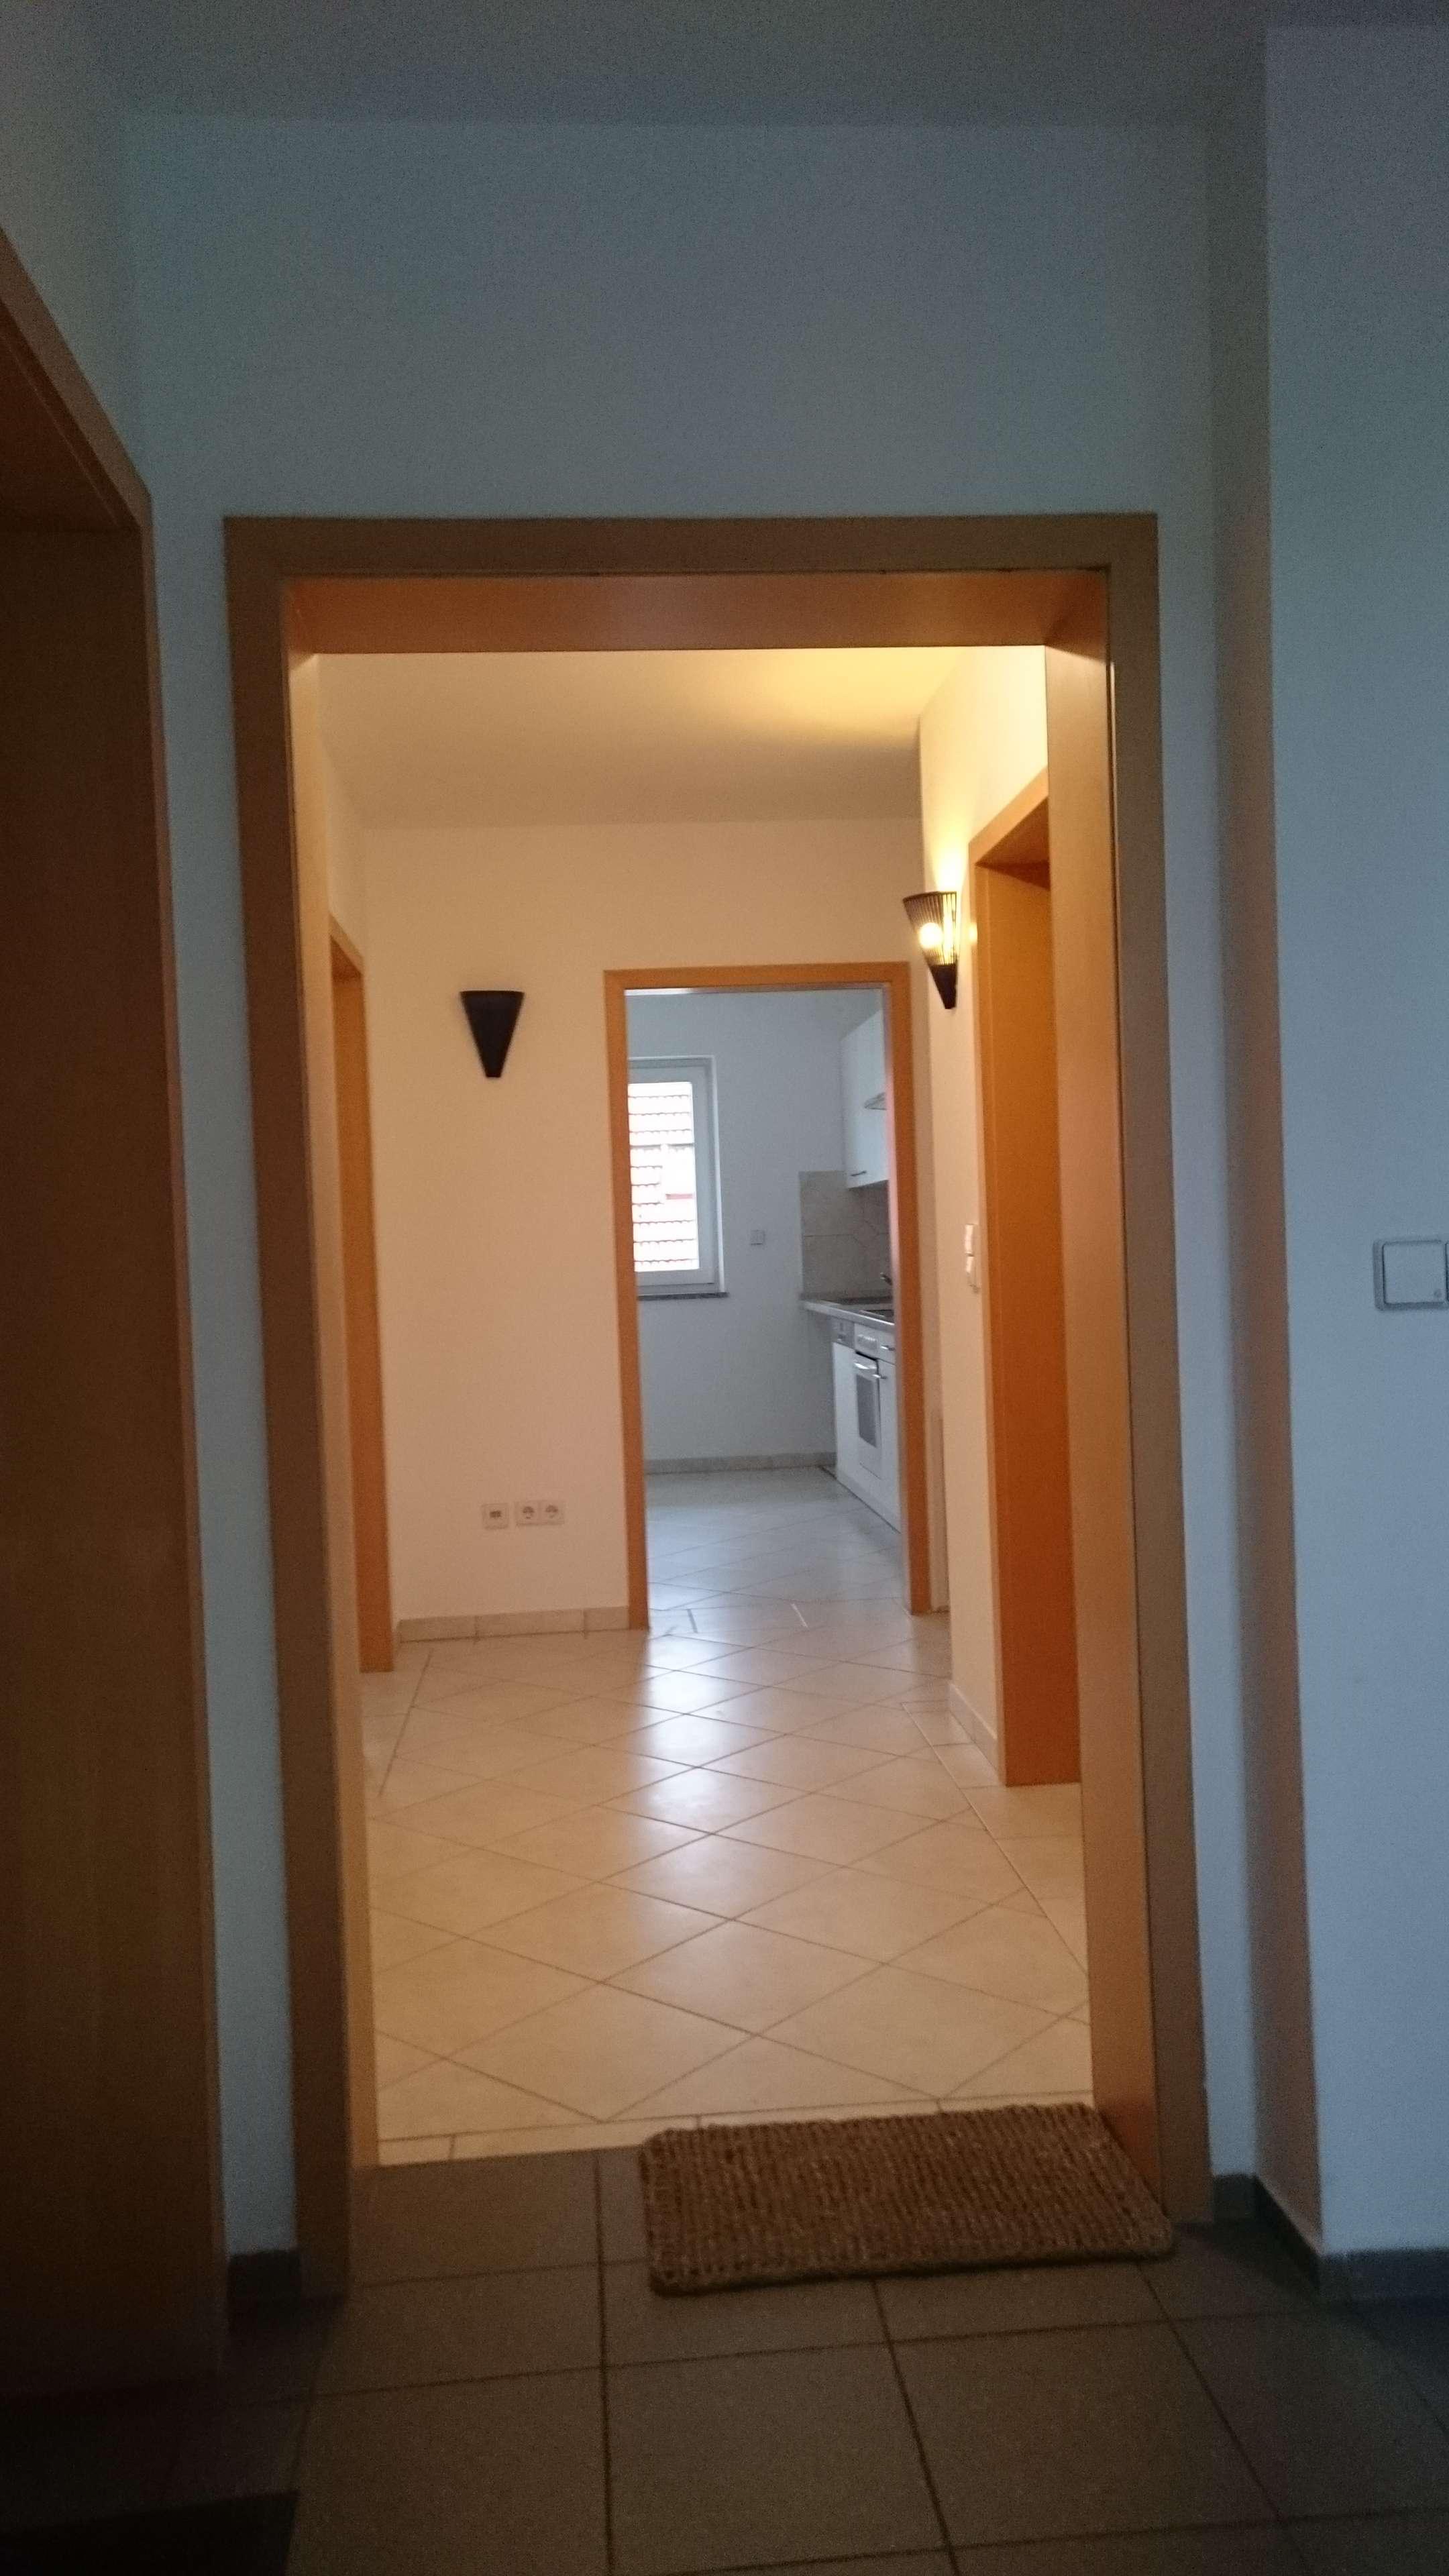 Stilvolle, sanierte 2-Zimmer-Wohnung mit Balkon und Einbauküche in Eching in Eching (Freising)